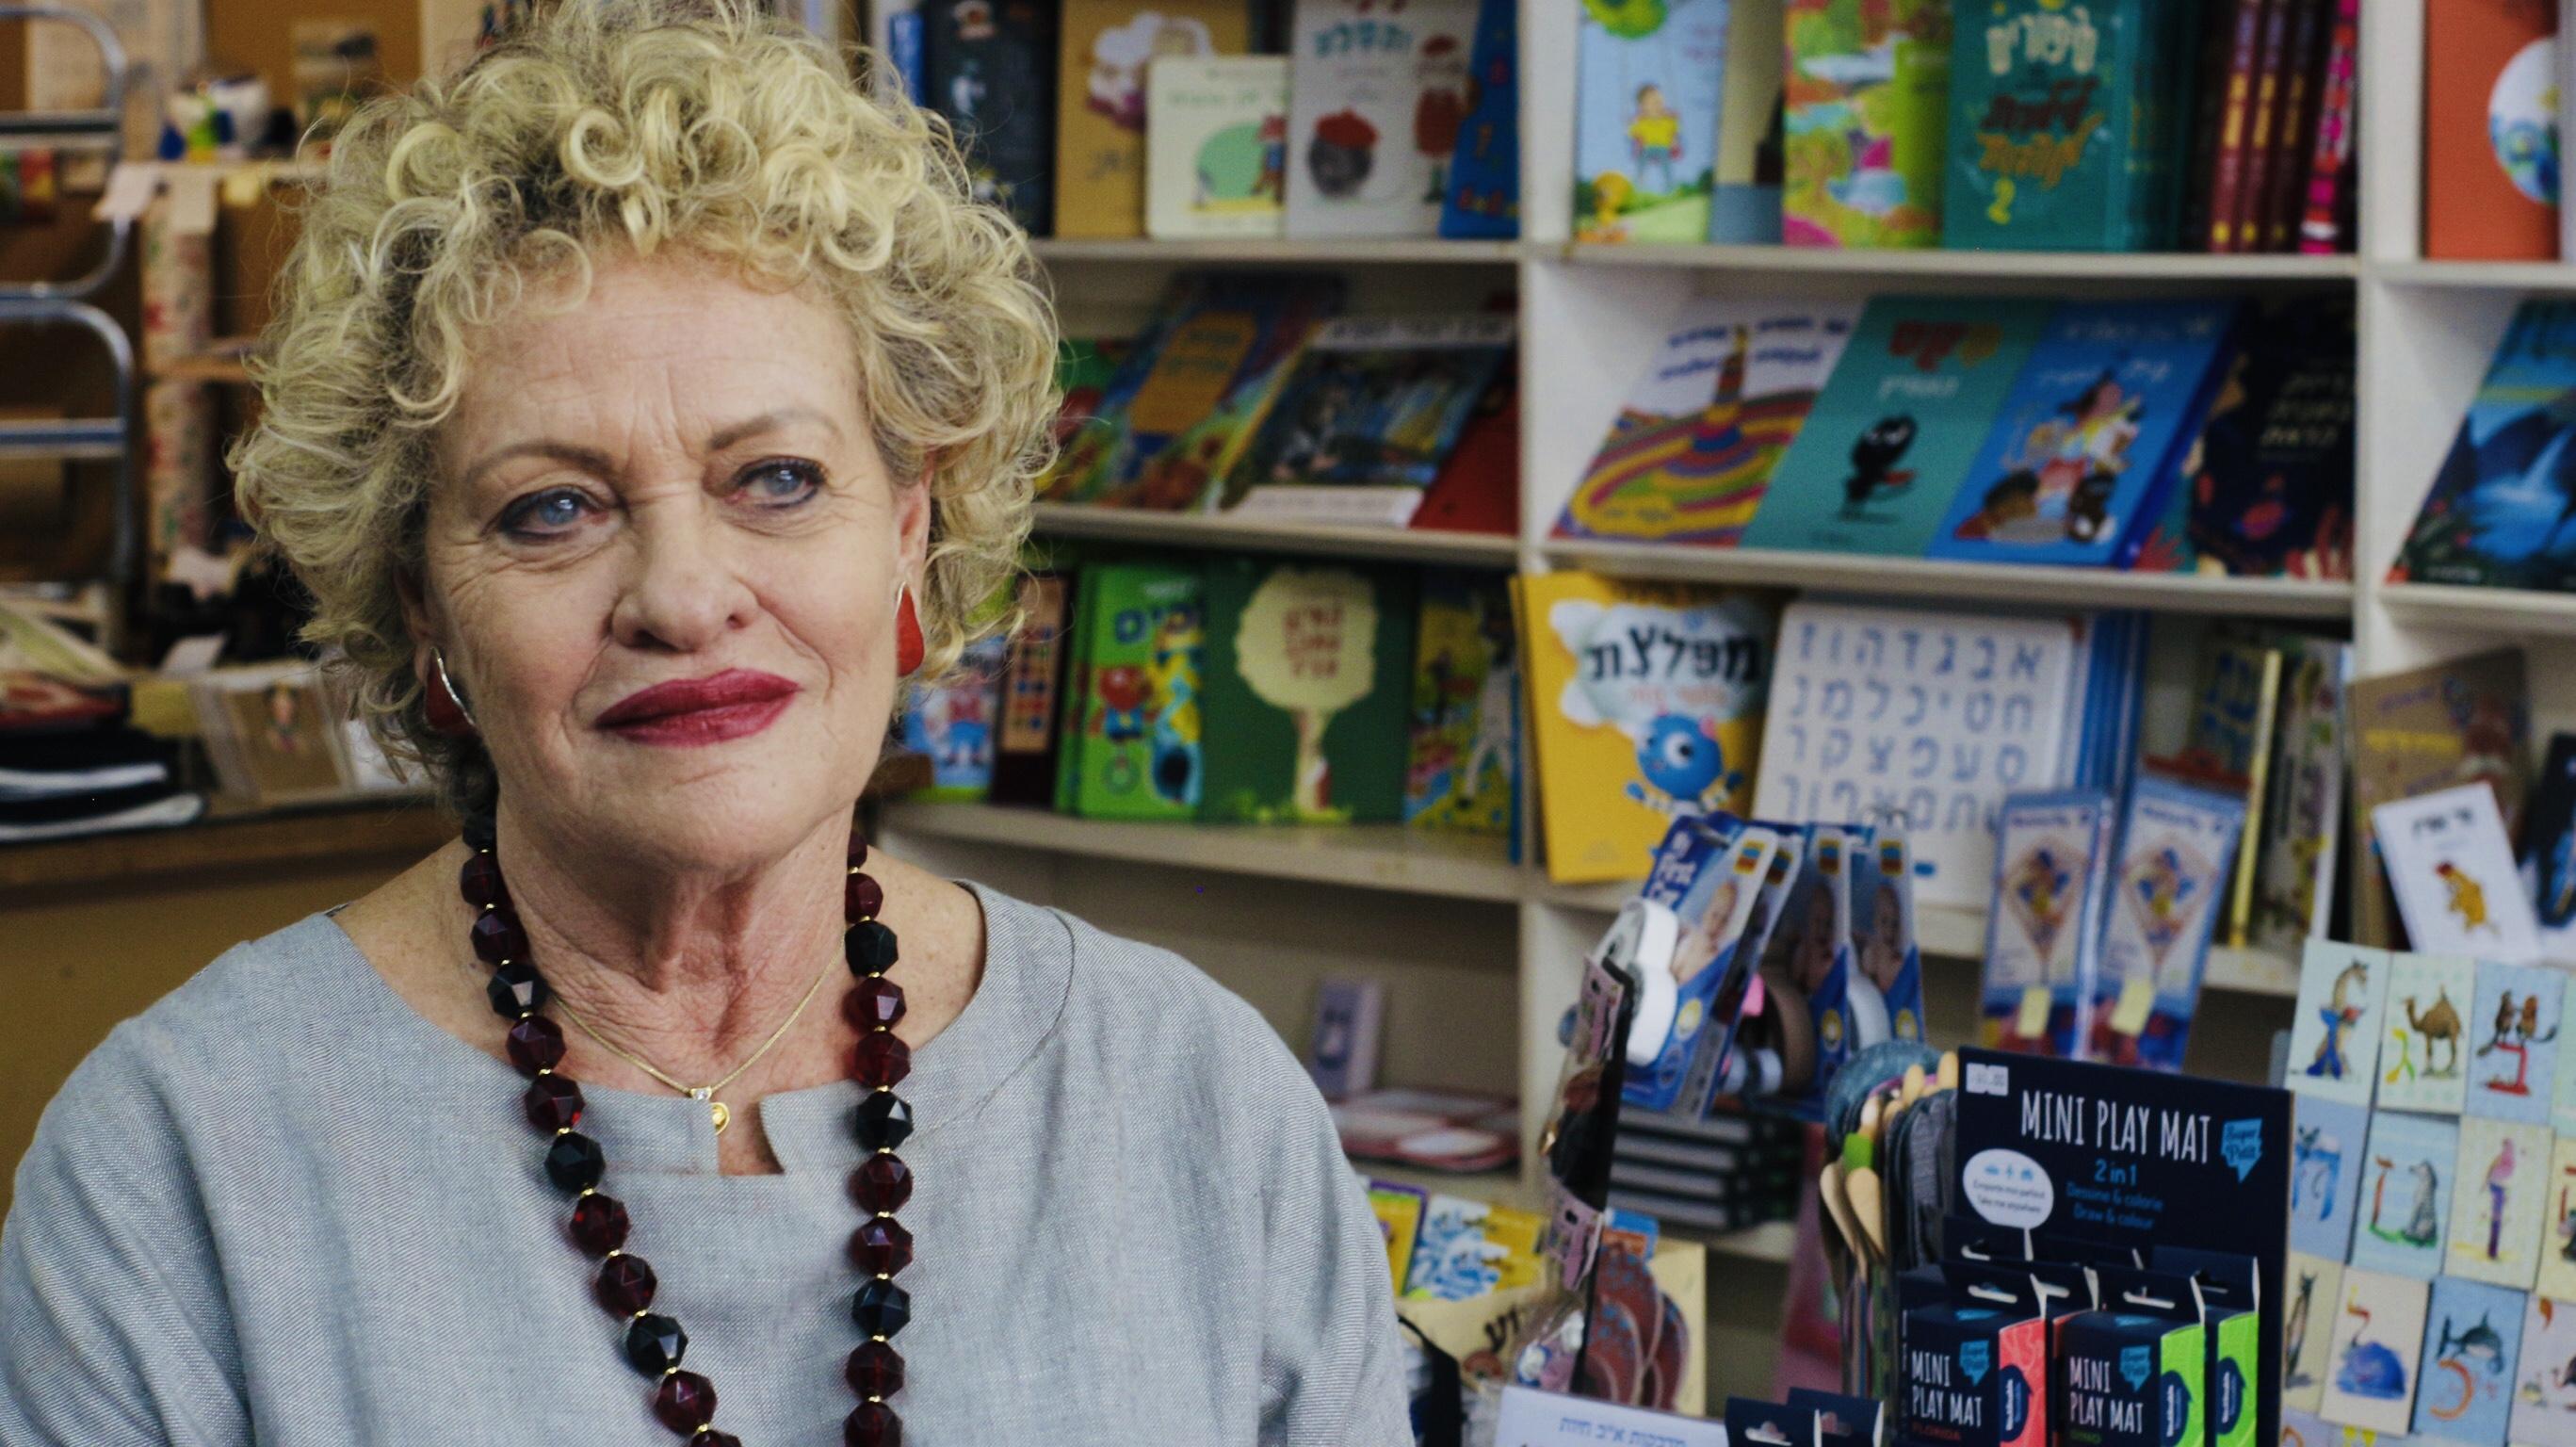 רותי בעלת החנות